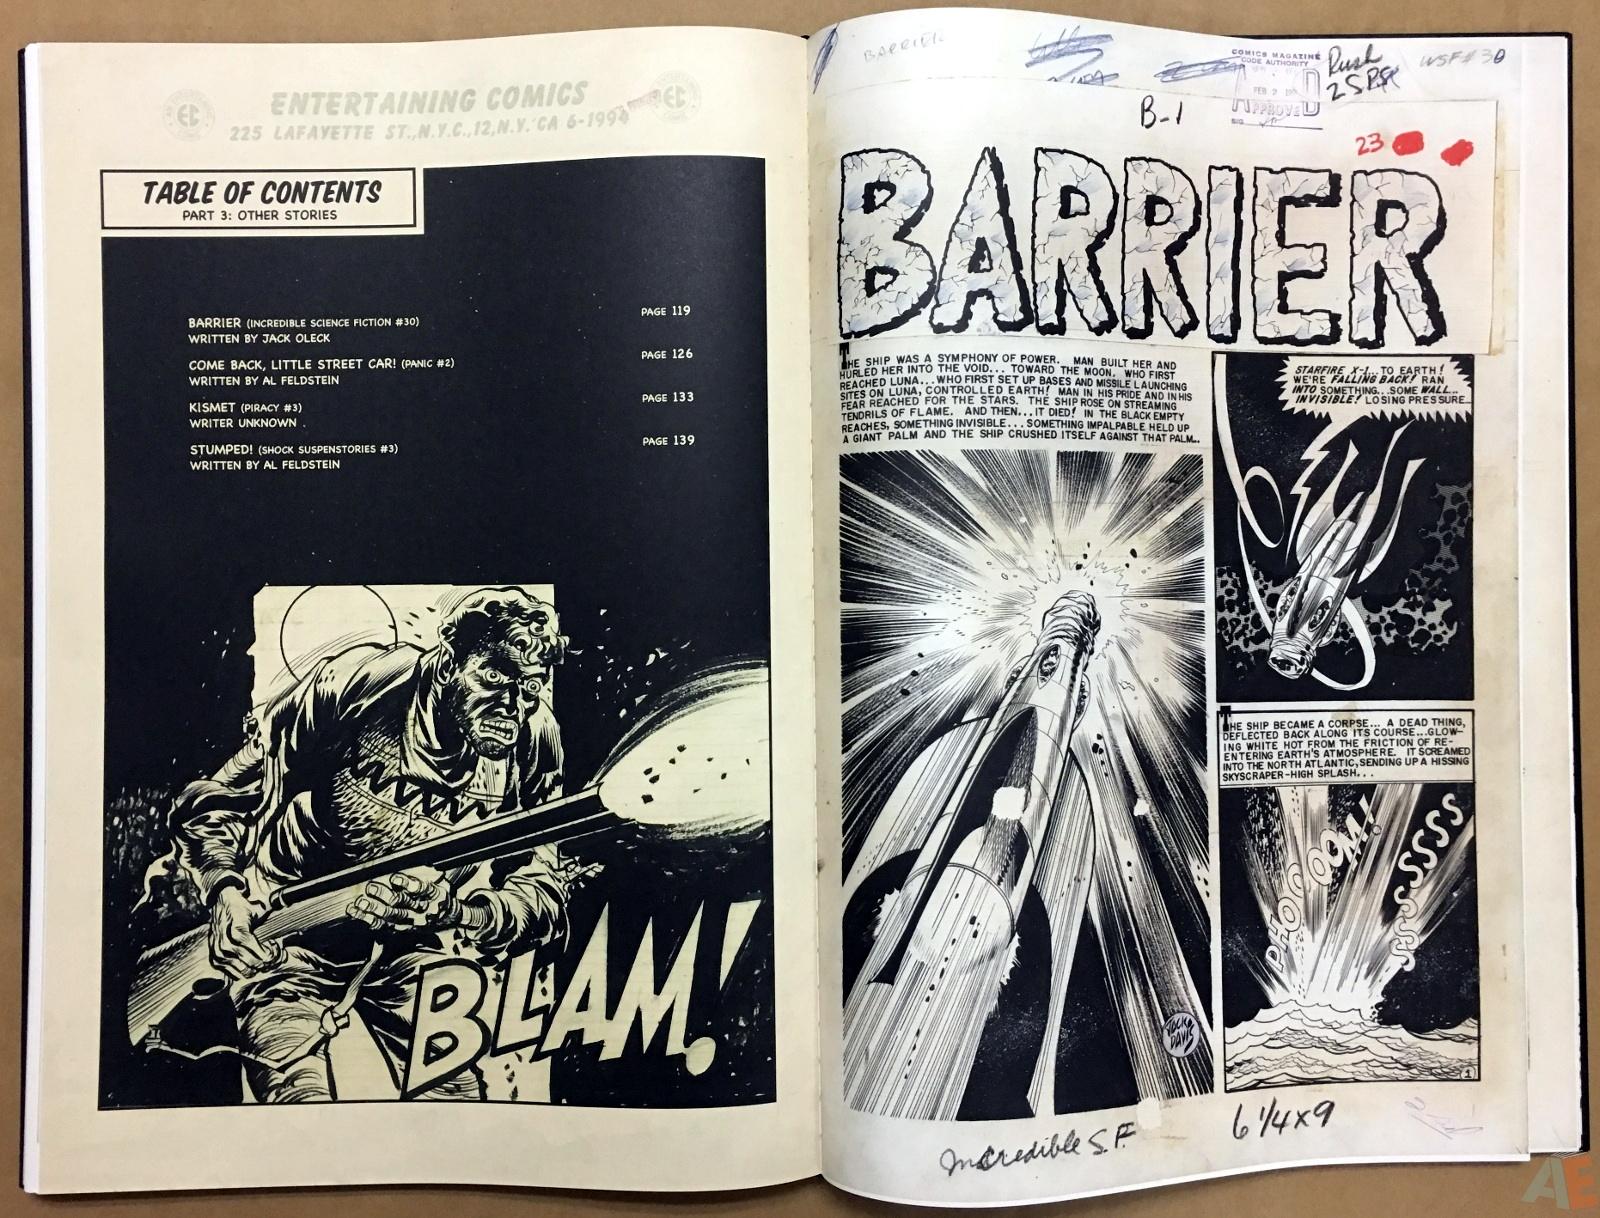 Jack Davis' EC Stories Artist's Edition 36